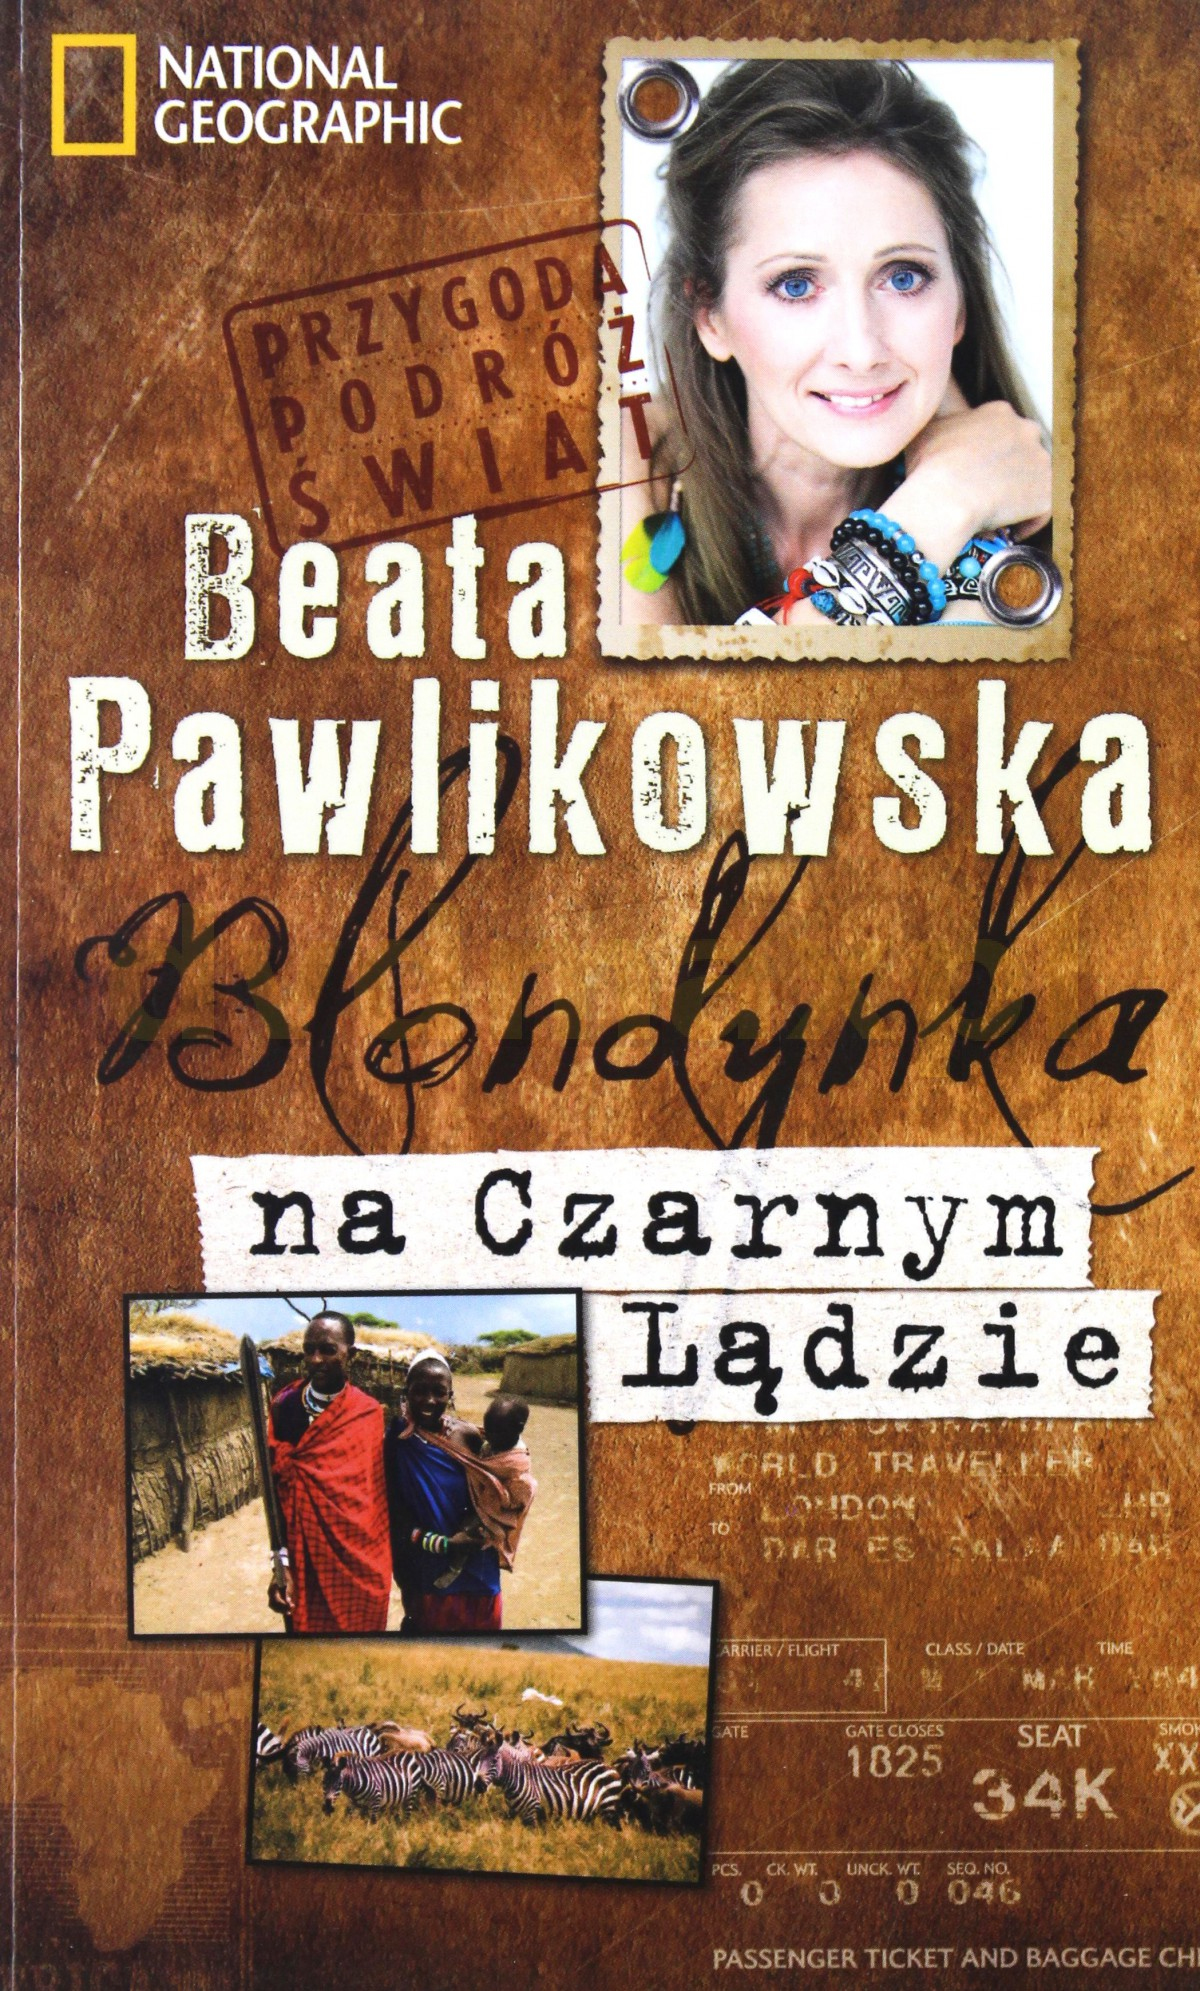 Blondynka Na Czarnym Lądzie Przygoda Podróż Świat - Beata Pawlikowska [KSIĄŻKA] - Beata Pawlikowska